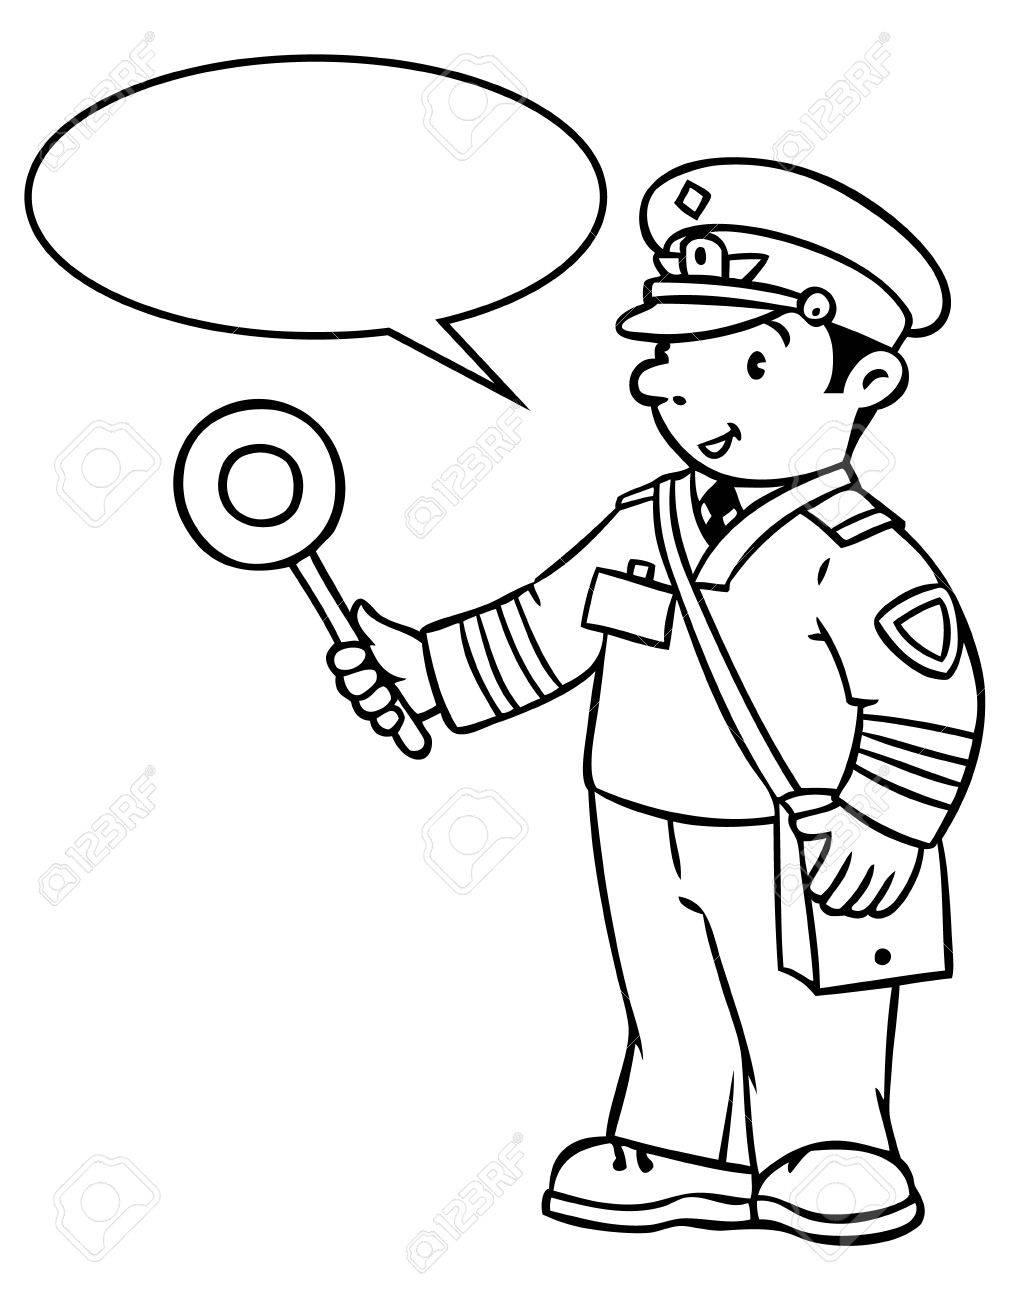 Enfants illustration vectorielle Avec ballon pour le texte Coloriage image ou le livre  colorier de railroader dr´le en uniforme Série Profession